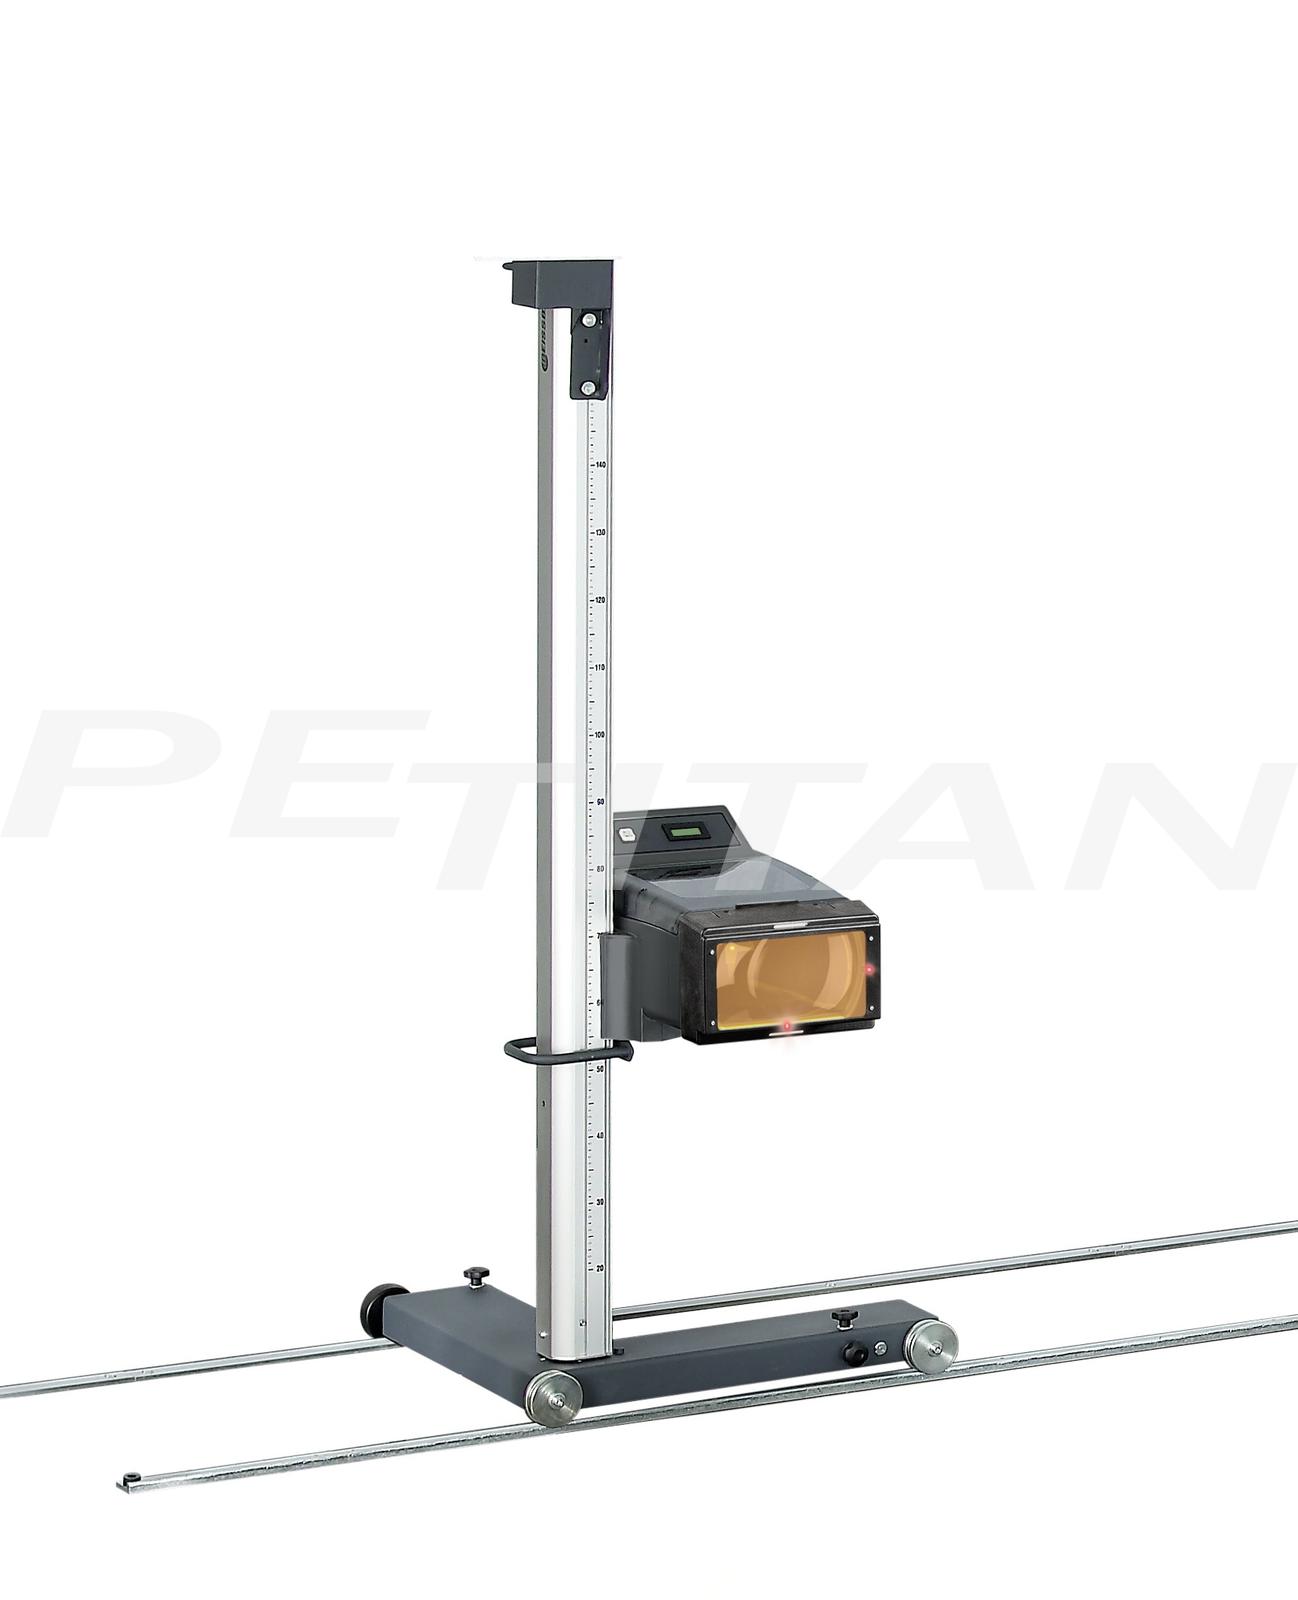 Beissbarth MLD 110 fényszóró-ellenőrző, -beállító 1